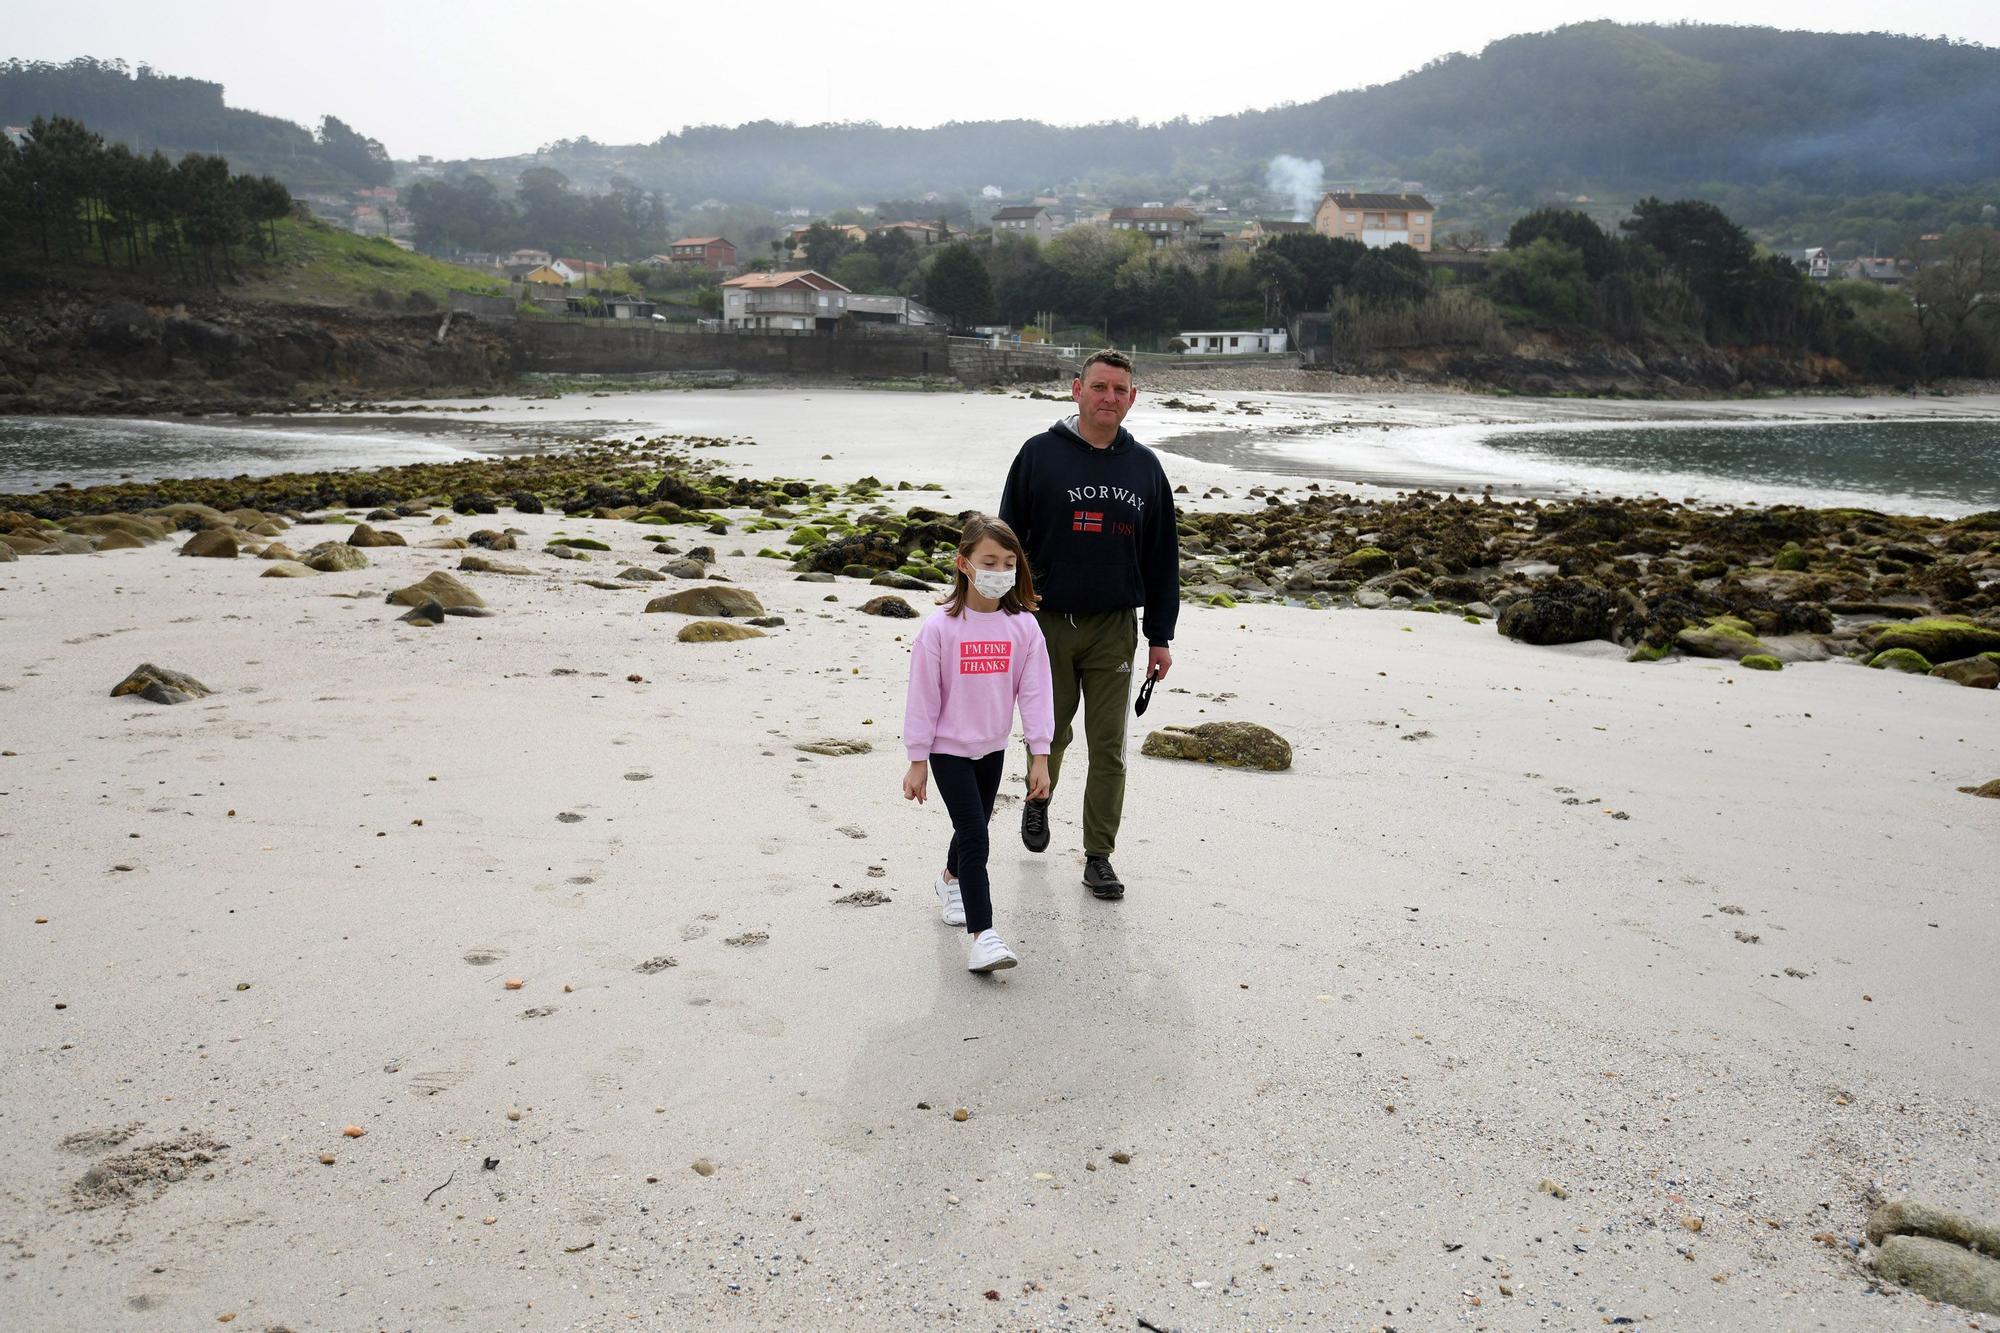 Las mareas vivas descubren el camino a la Illa do Santo do Mar